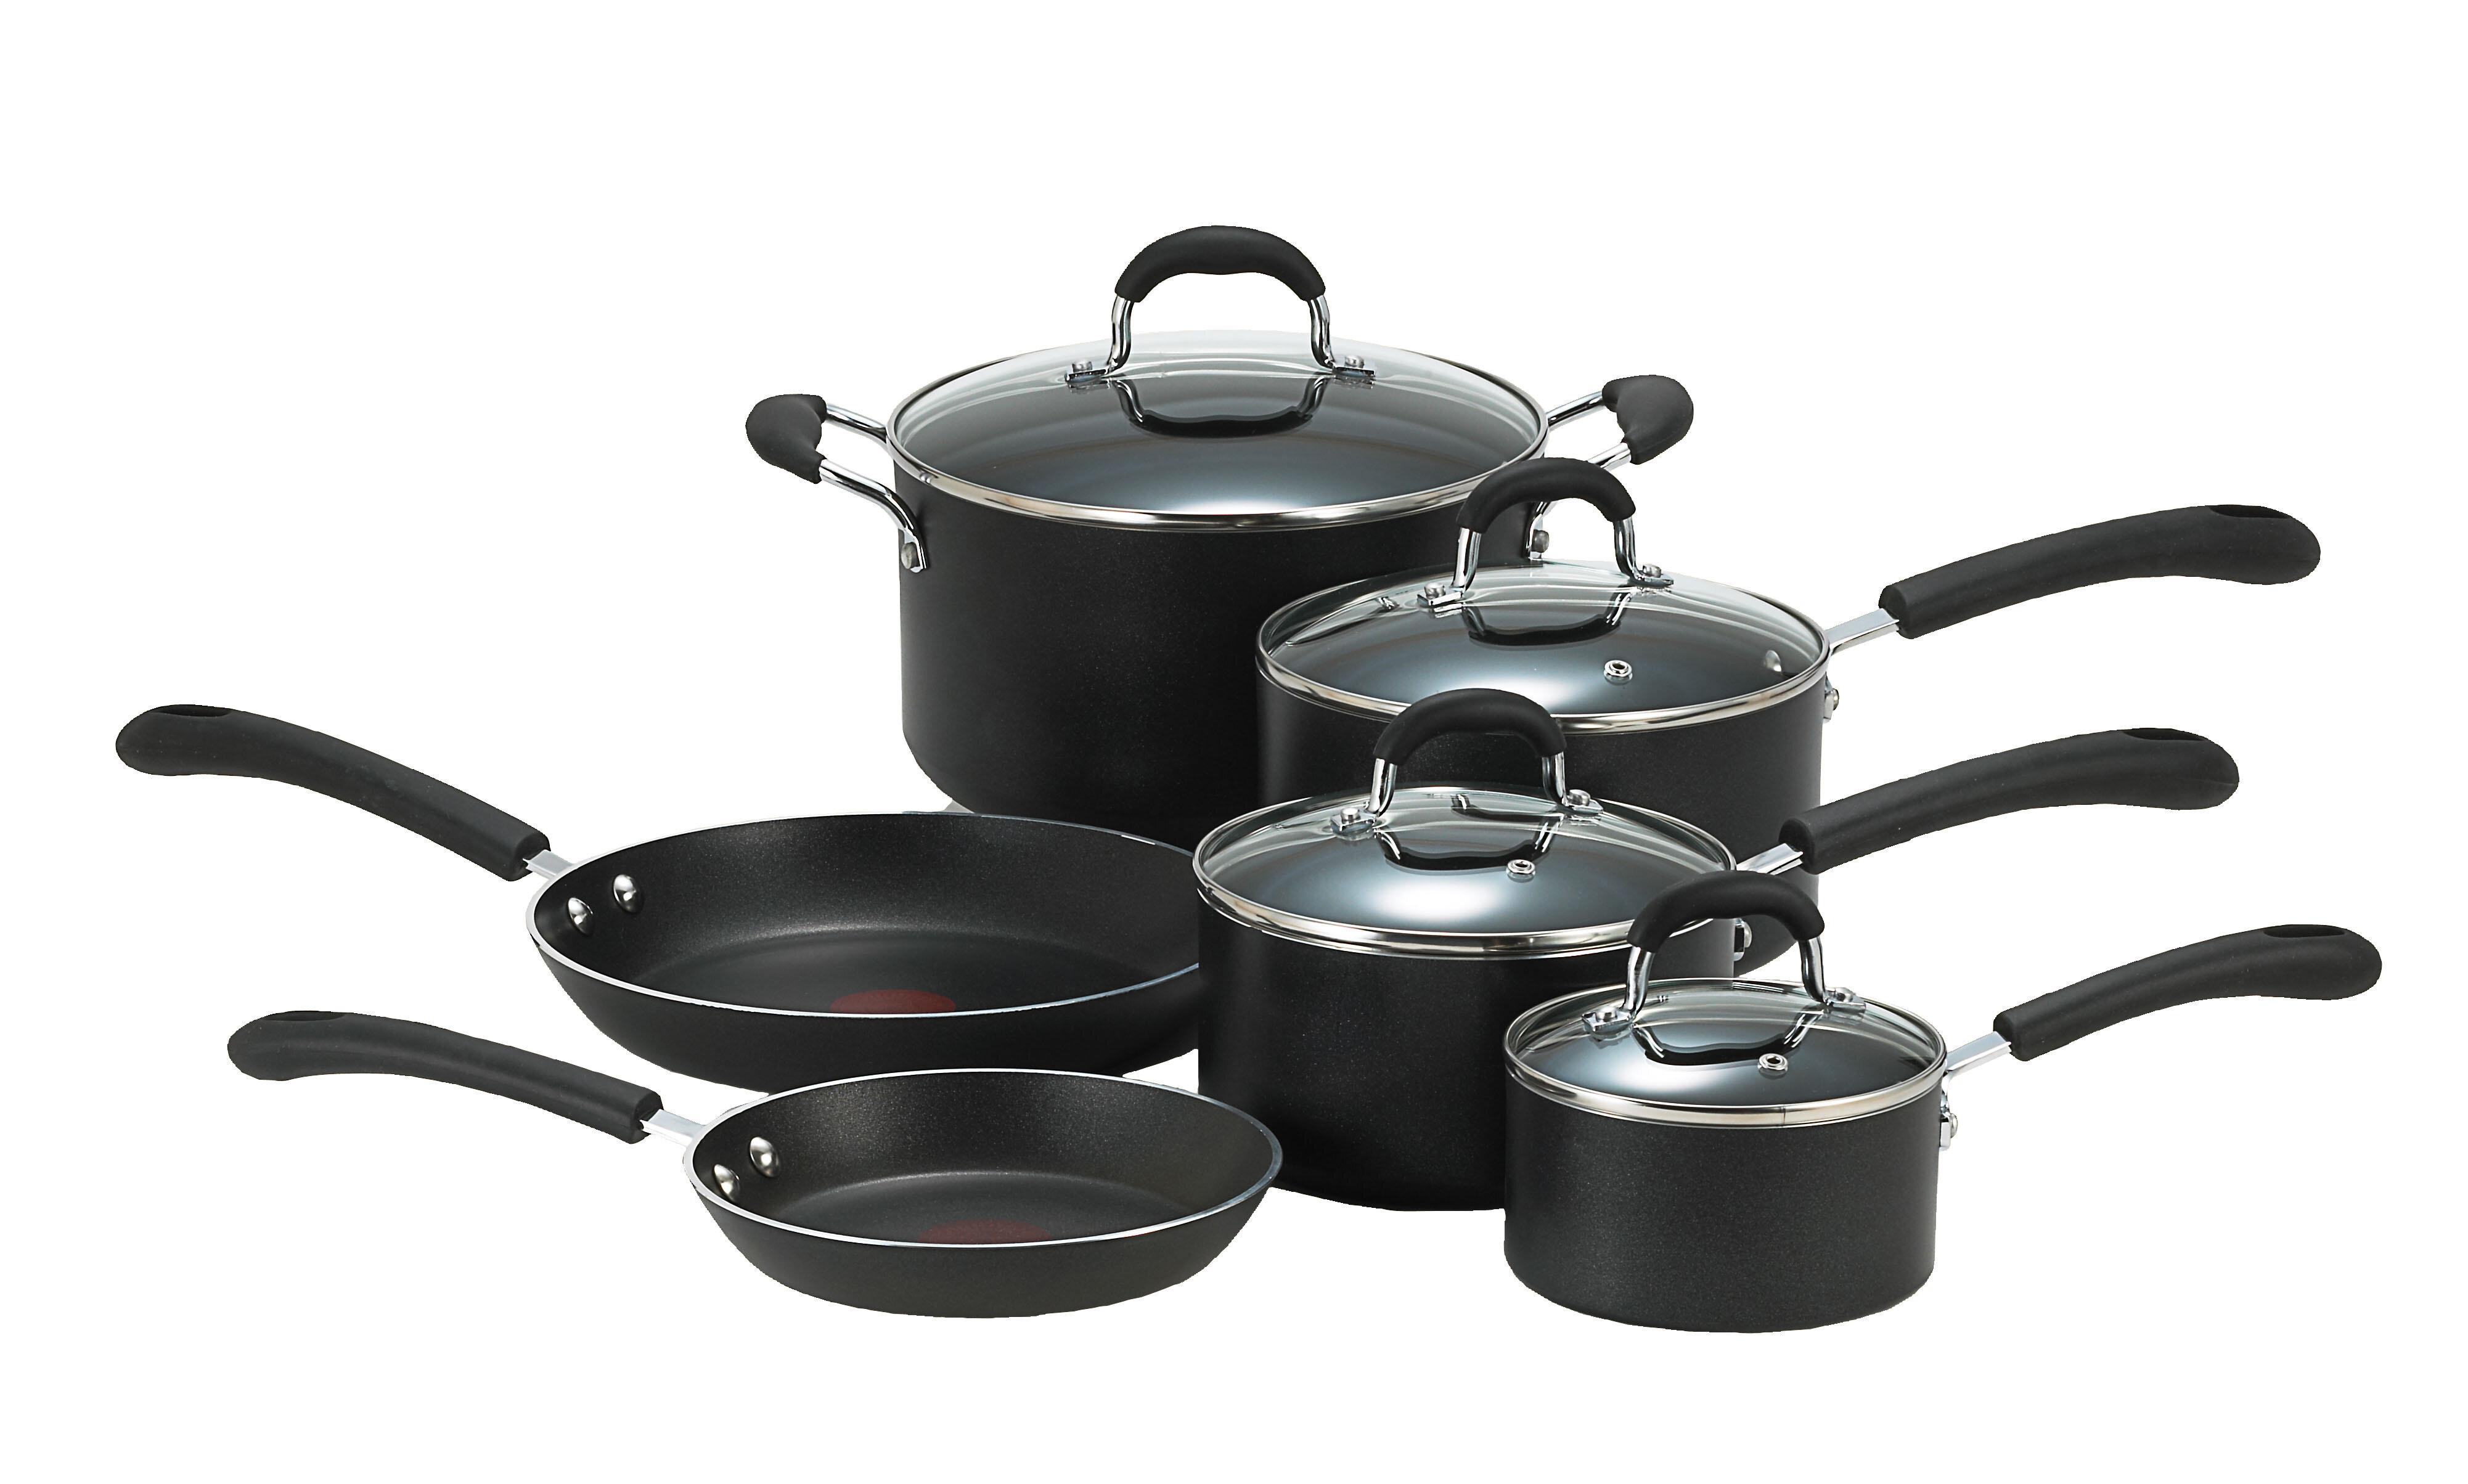 صور اواني مطبخ منزلية أساسية بأحدث موضة Professional-10-piece-non-stick-cookware-set